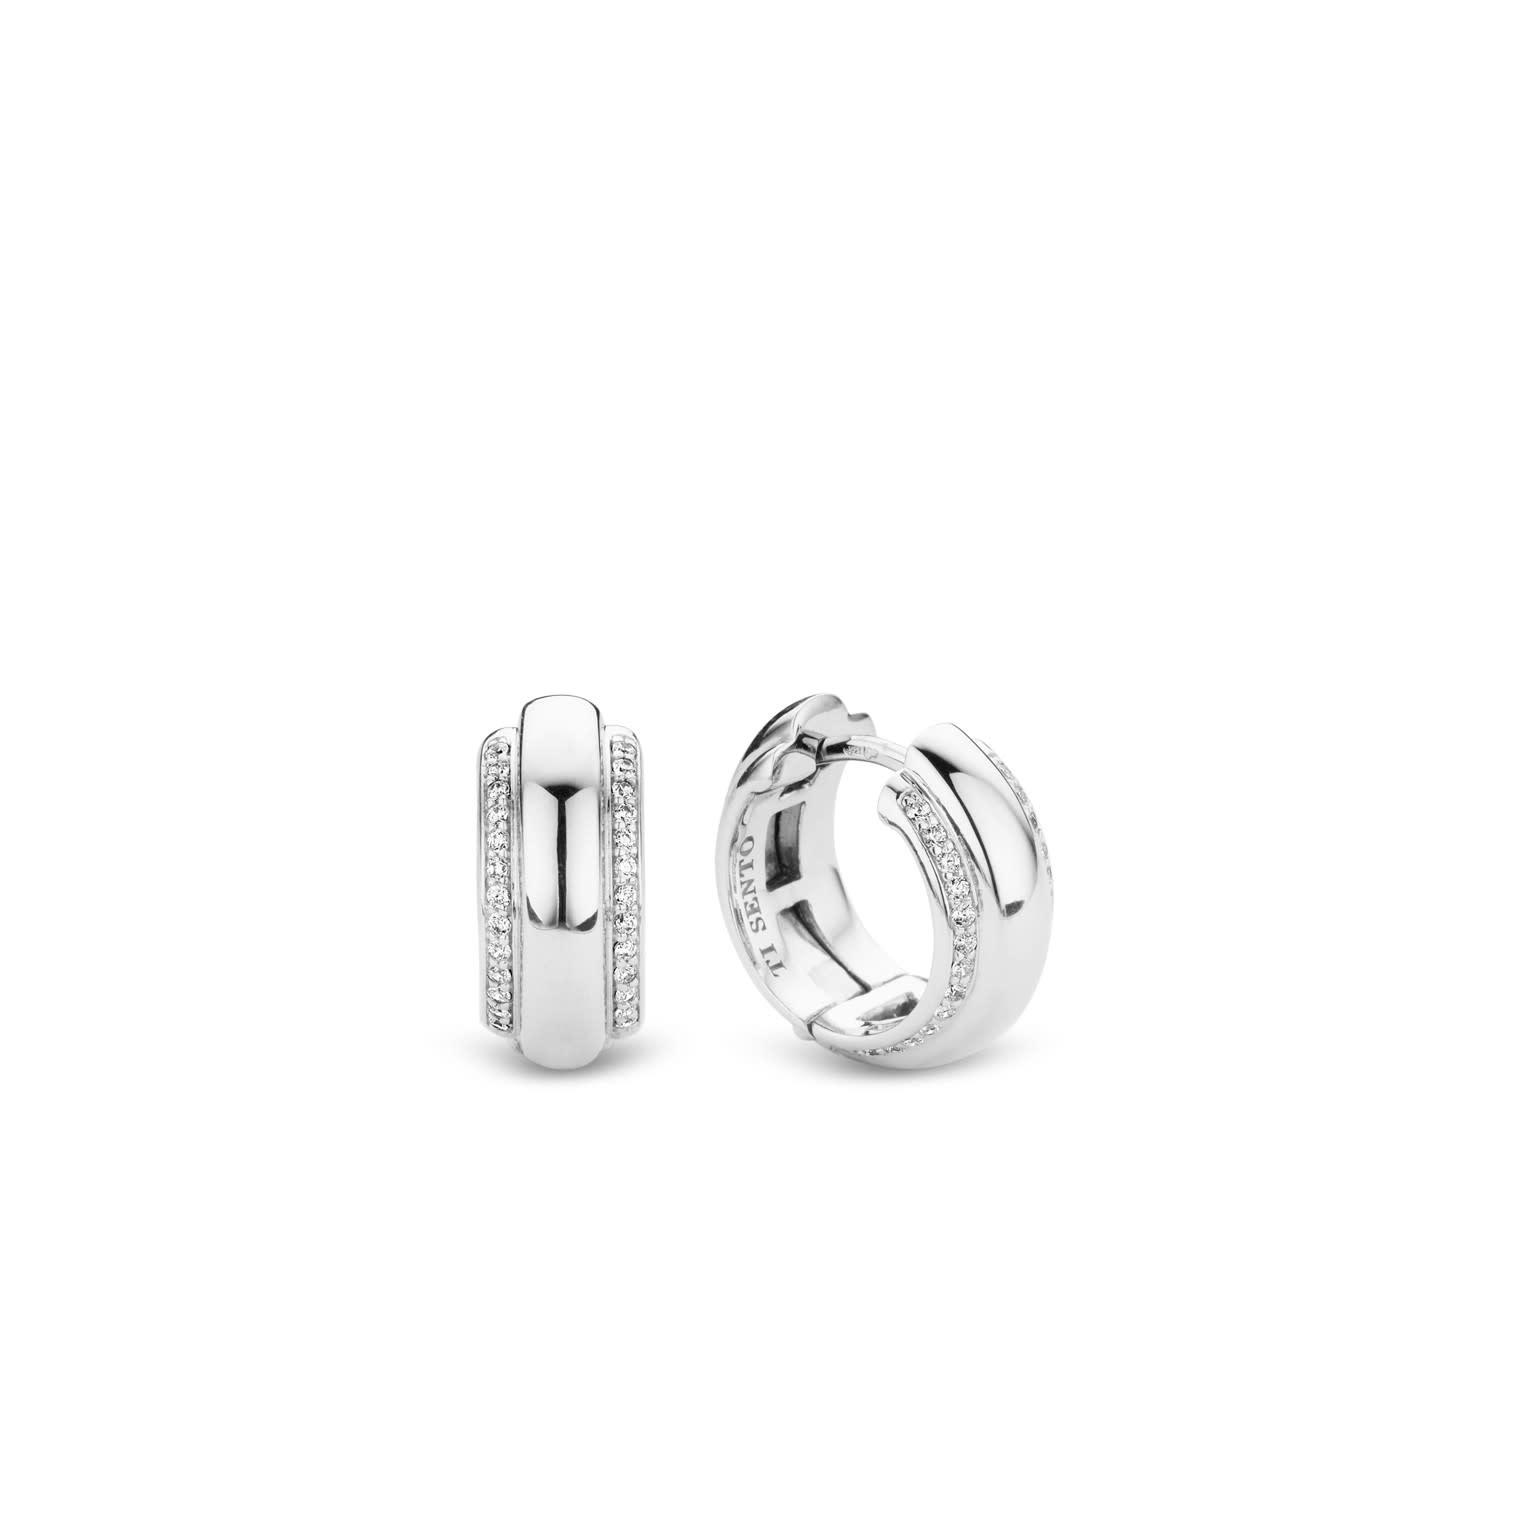 TI SENTO - Milano Earrings 7785ZI-1